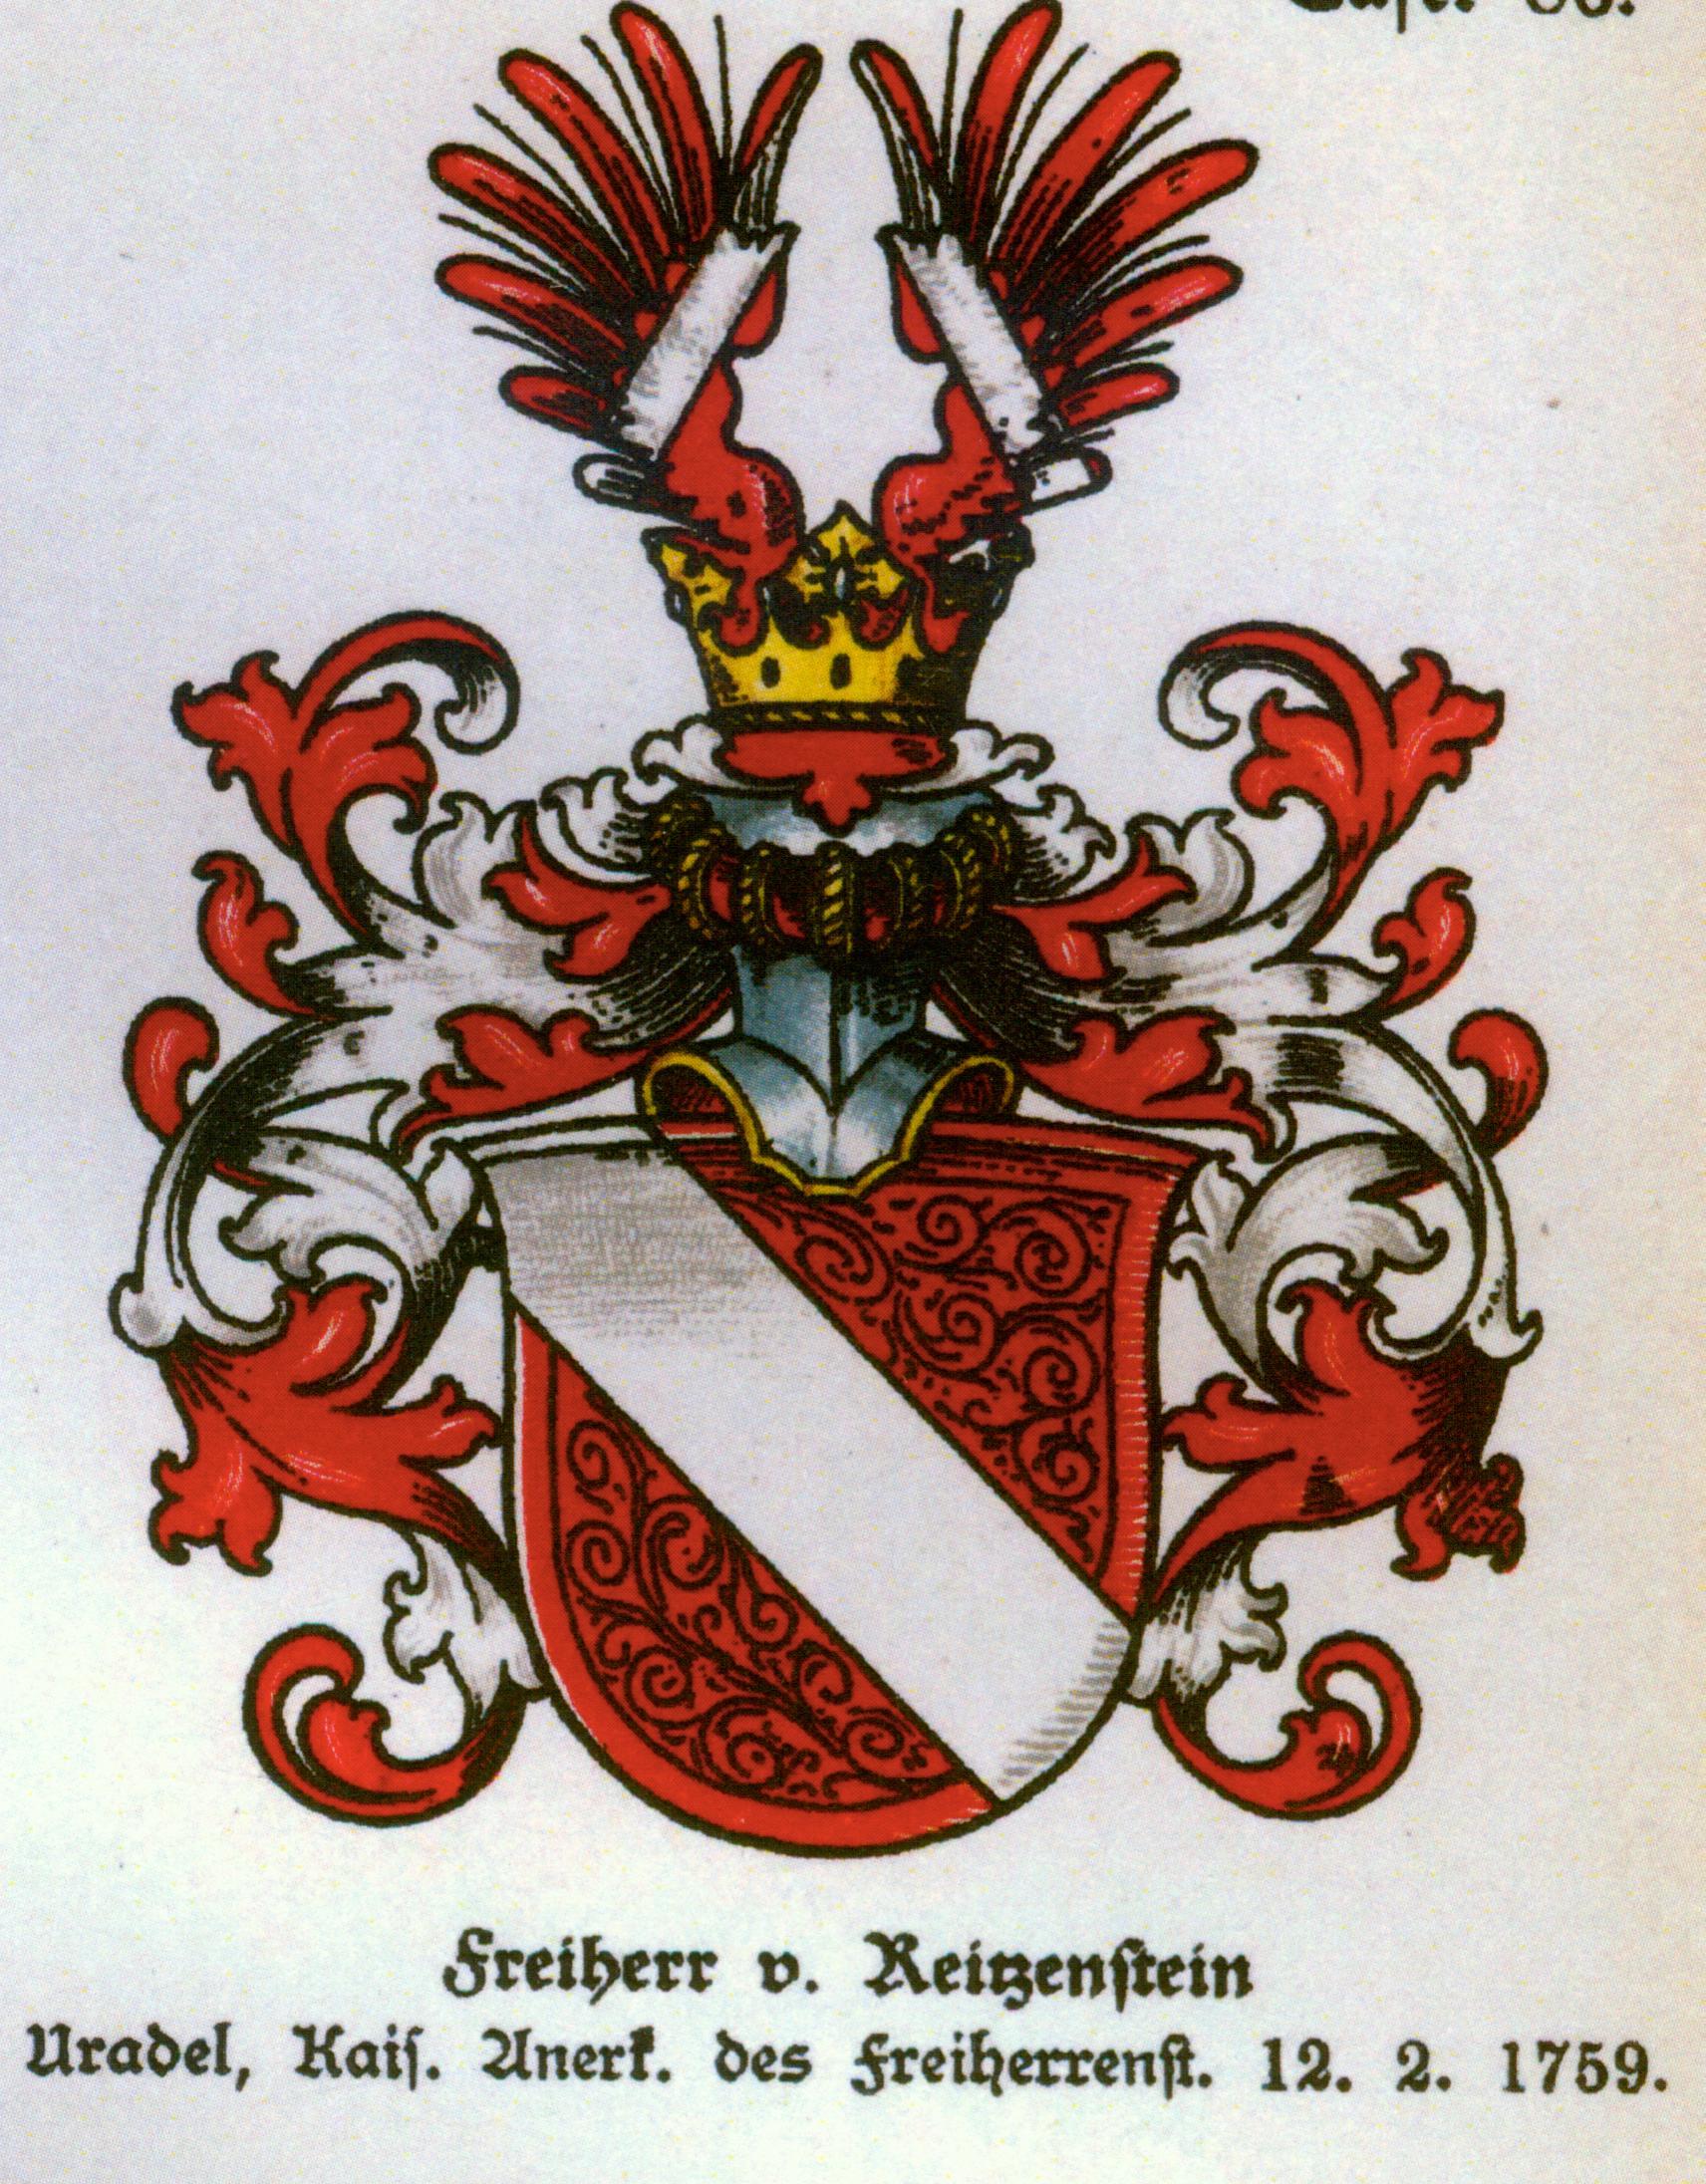 von Reitzenstein